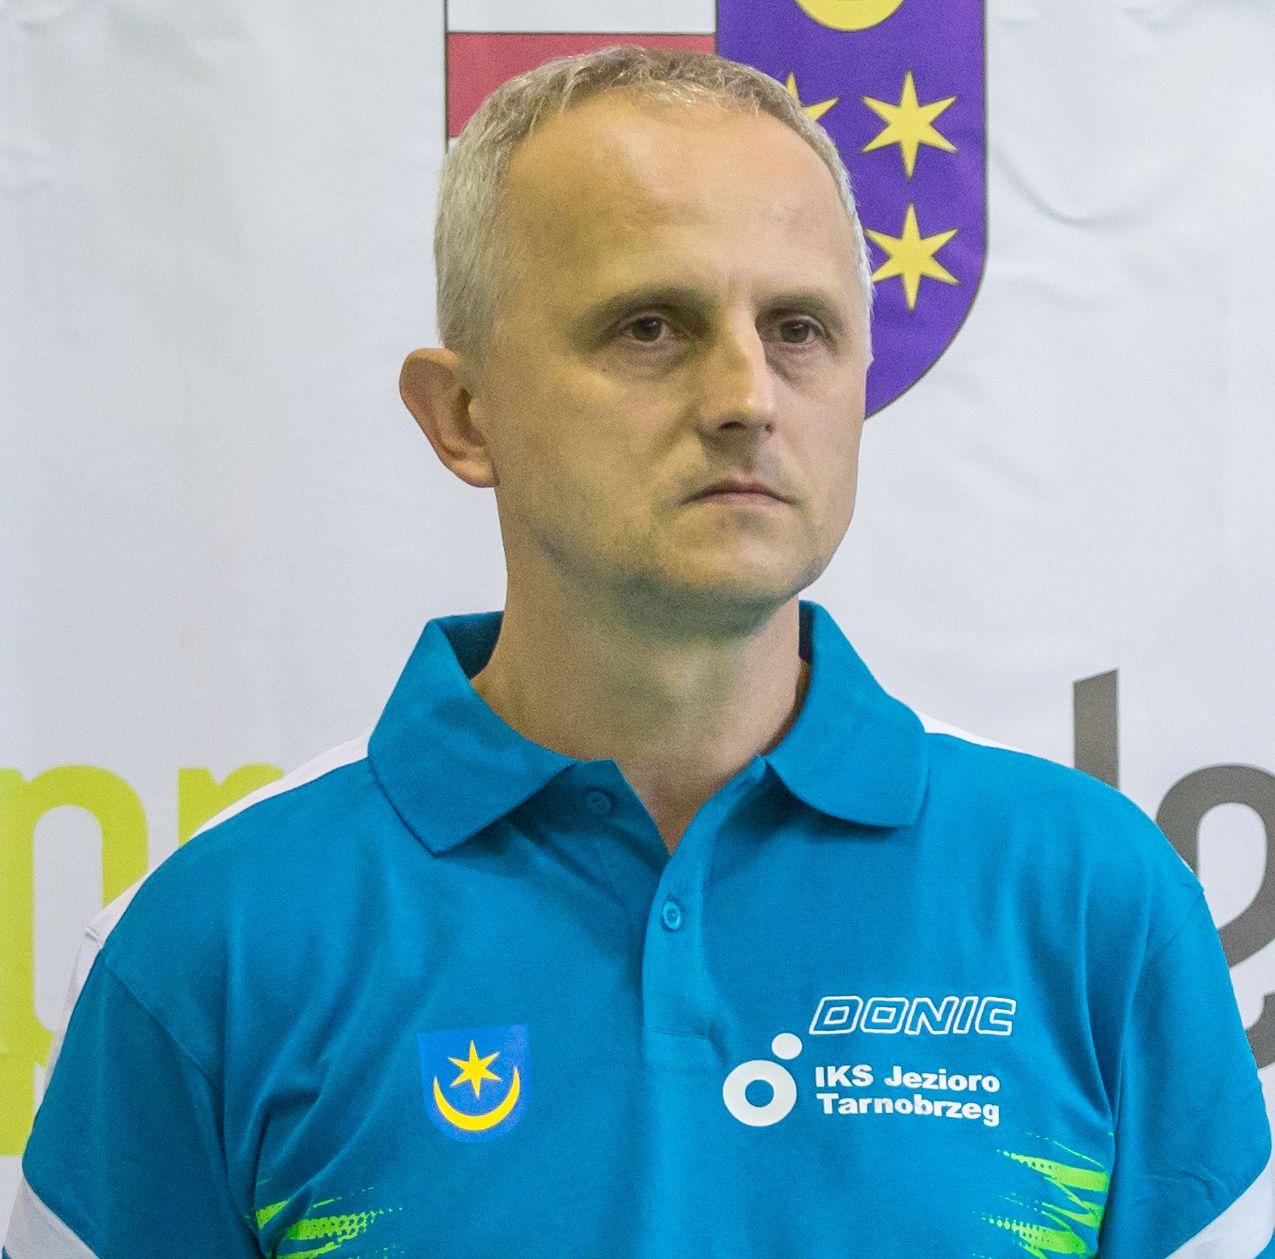 Jacek Lachor